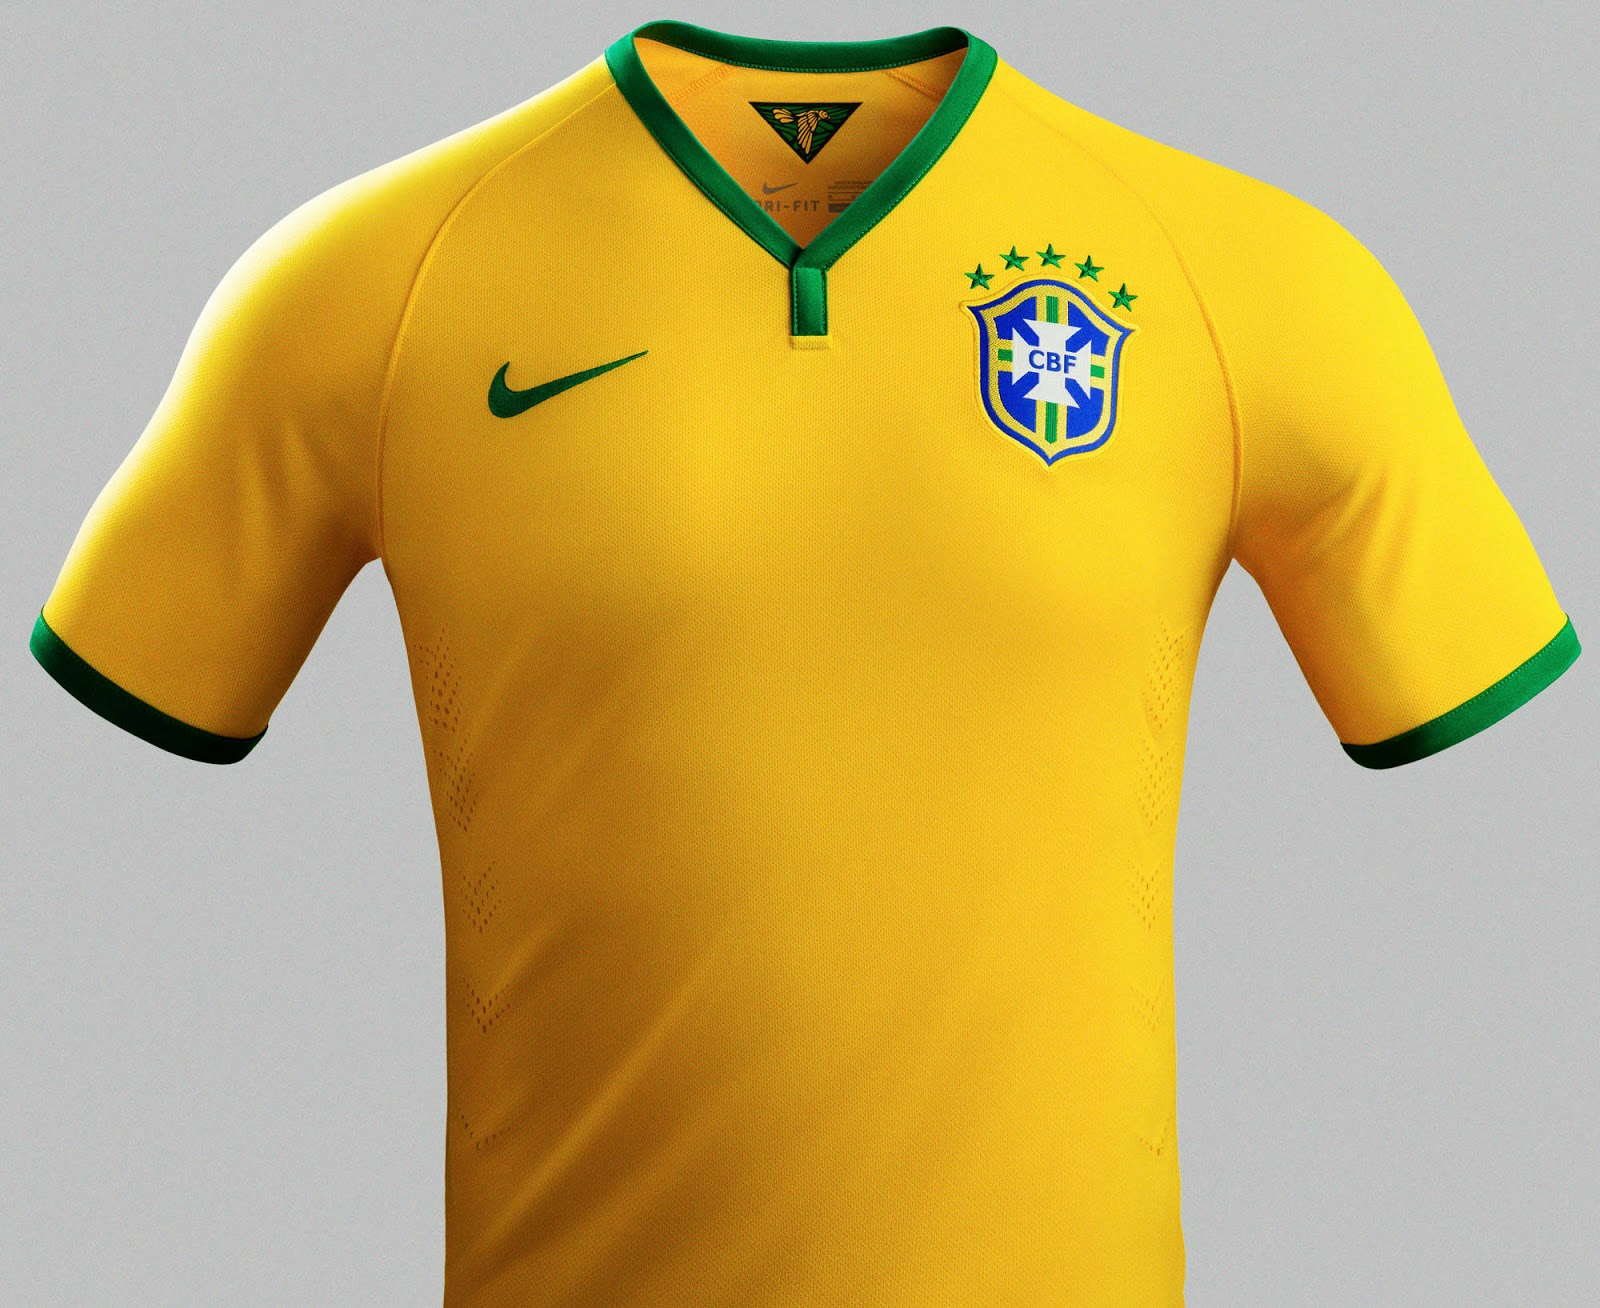 http://3.bp.blogspot.com/-_a8bmDzvayY/UpJpuSIbJVI/AAAAAAAAVwA/DglEXojU4V4/s1600/Brazil%2B2014%2BWorld%2BCup%2BHome%2BKit%2B(6).jpg